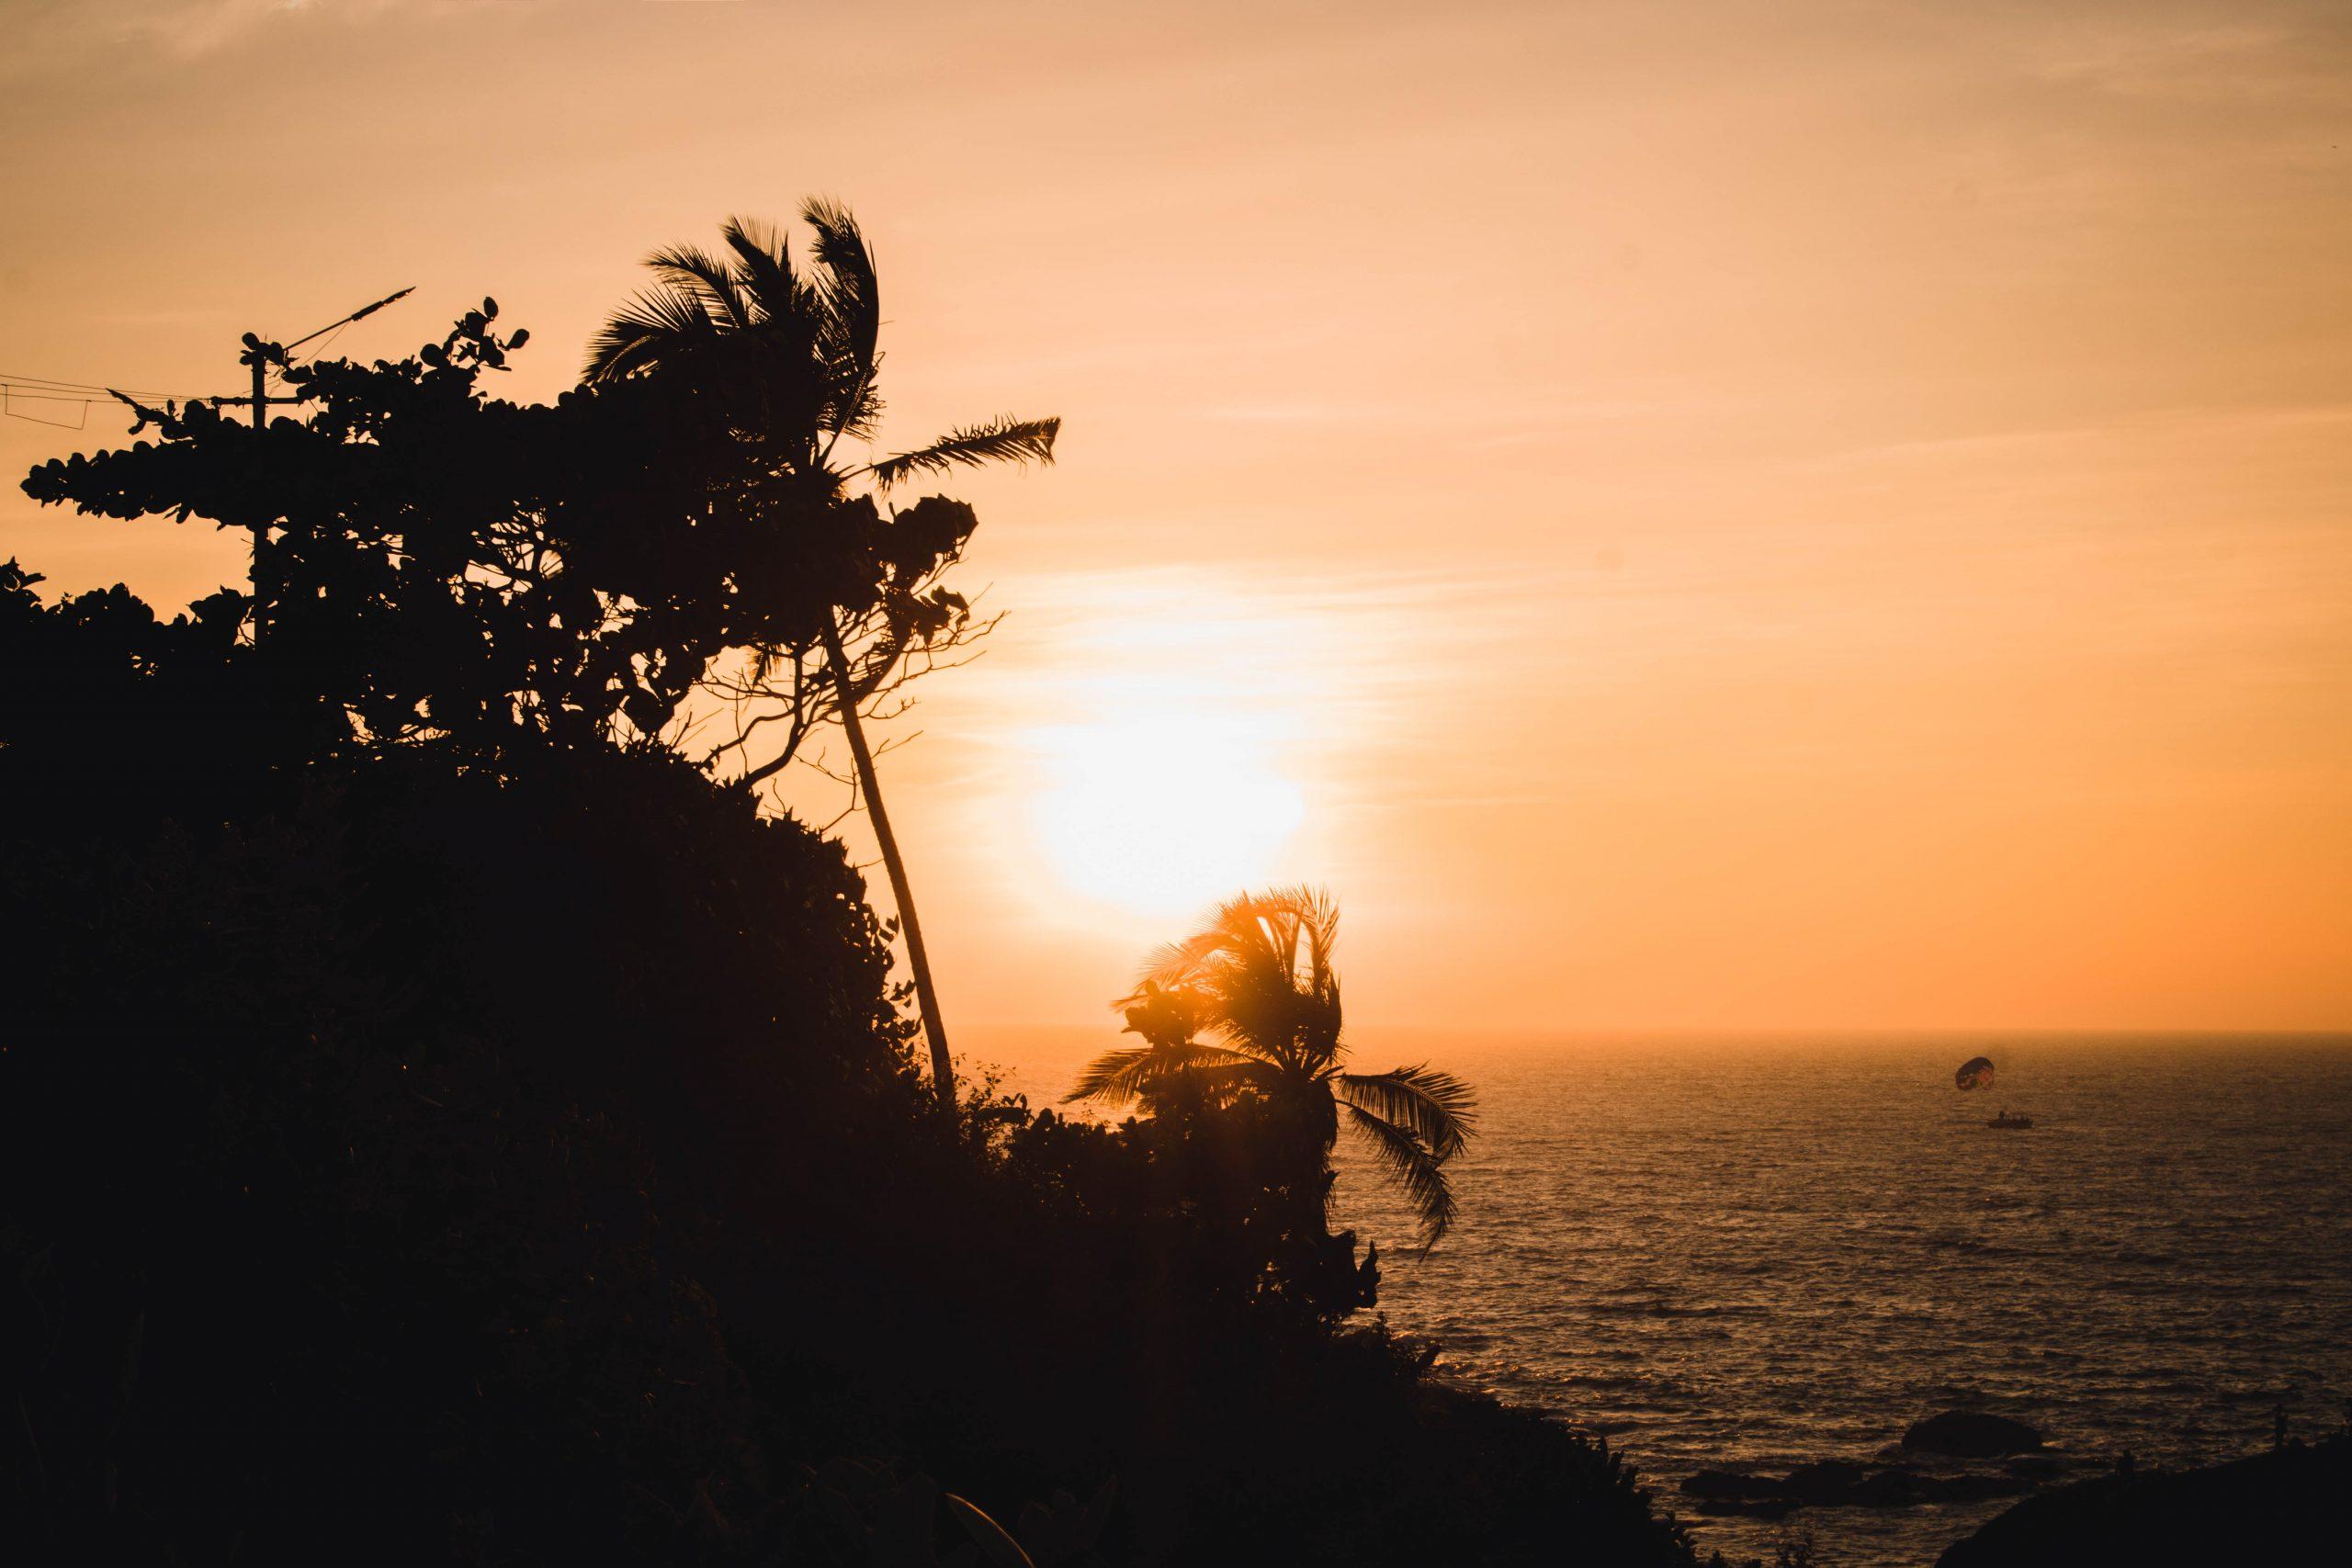 Sunset on Goa beach